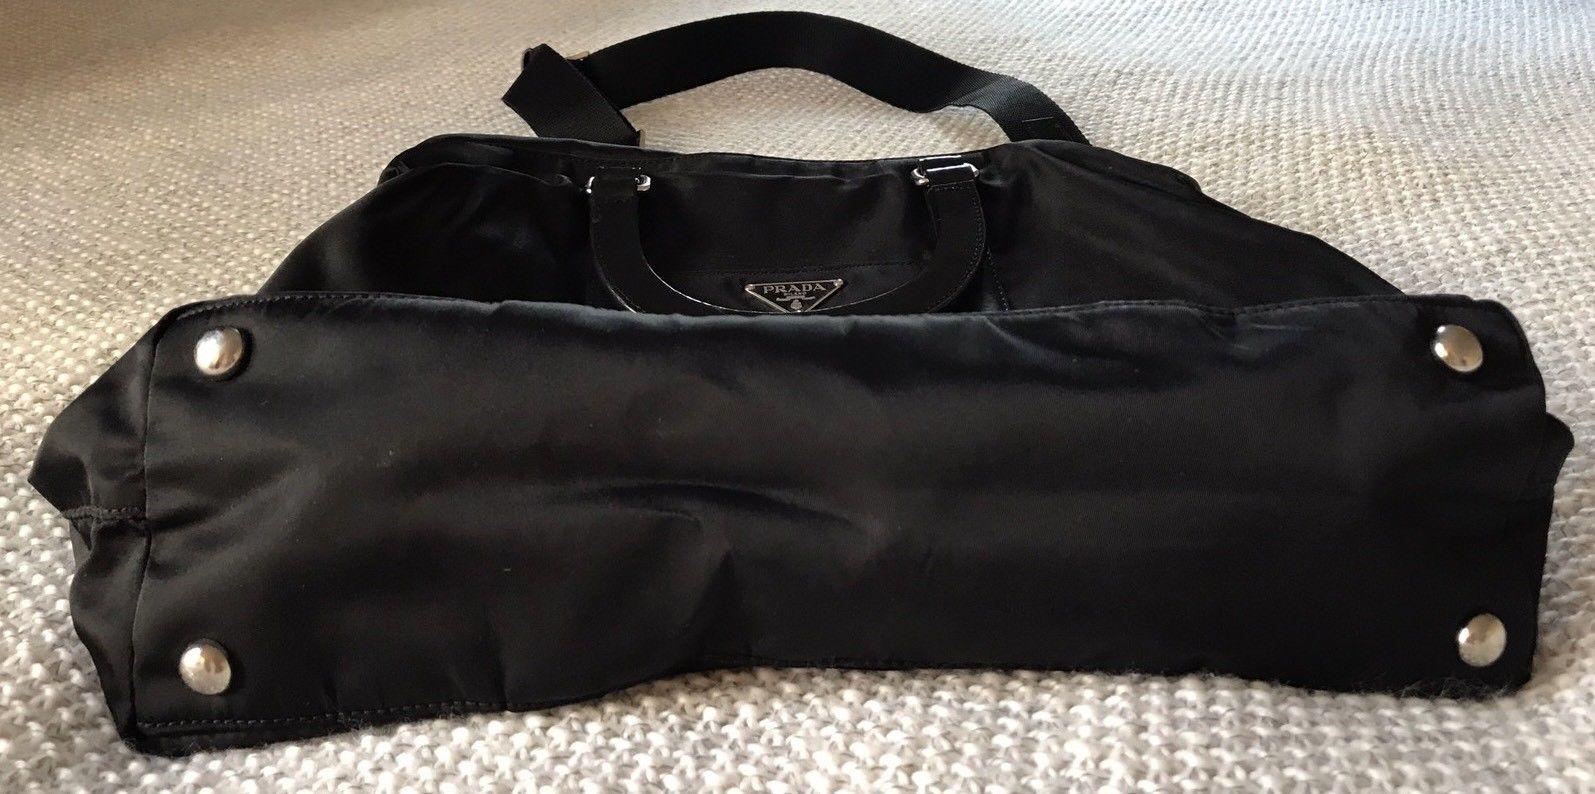 bb3ca02d54a1 ... usa preowned authentic prada nylon zip shoulder handbag bag 2 way bn  1057 319.0 6f070 3e181 ...